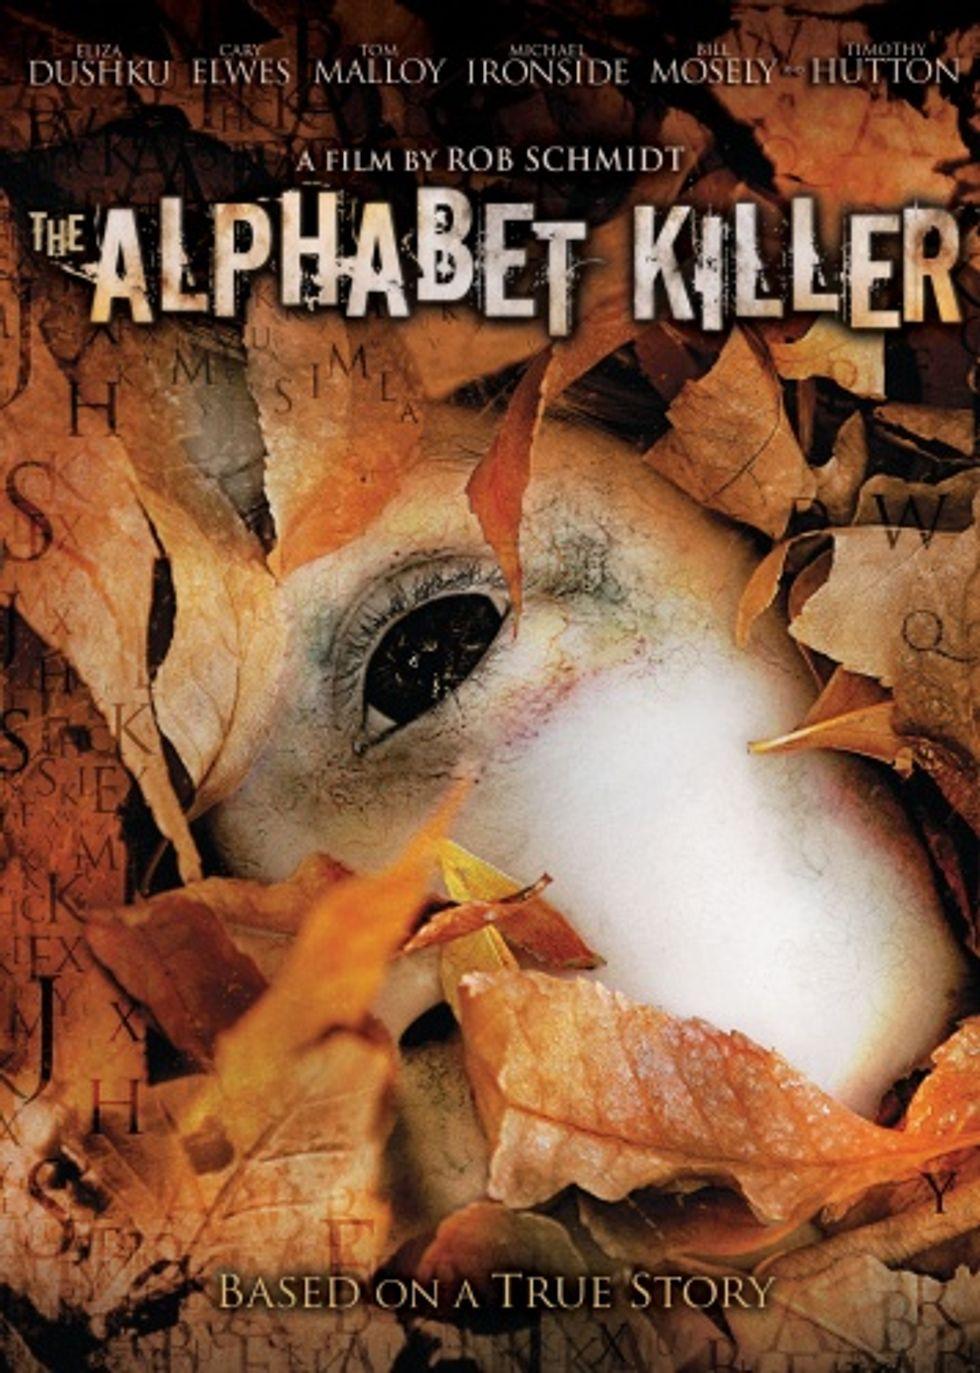 Off-Kilter Thriller: The Alphabet Killer On DVD!